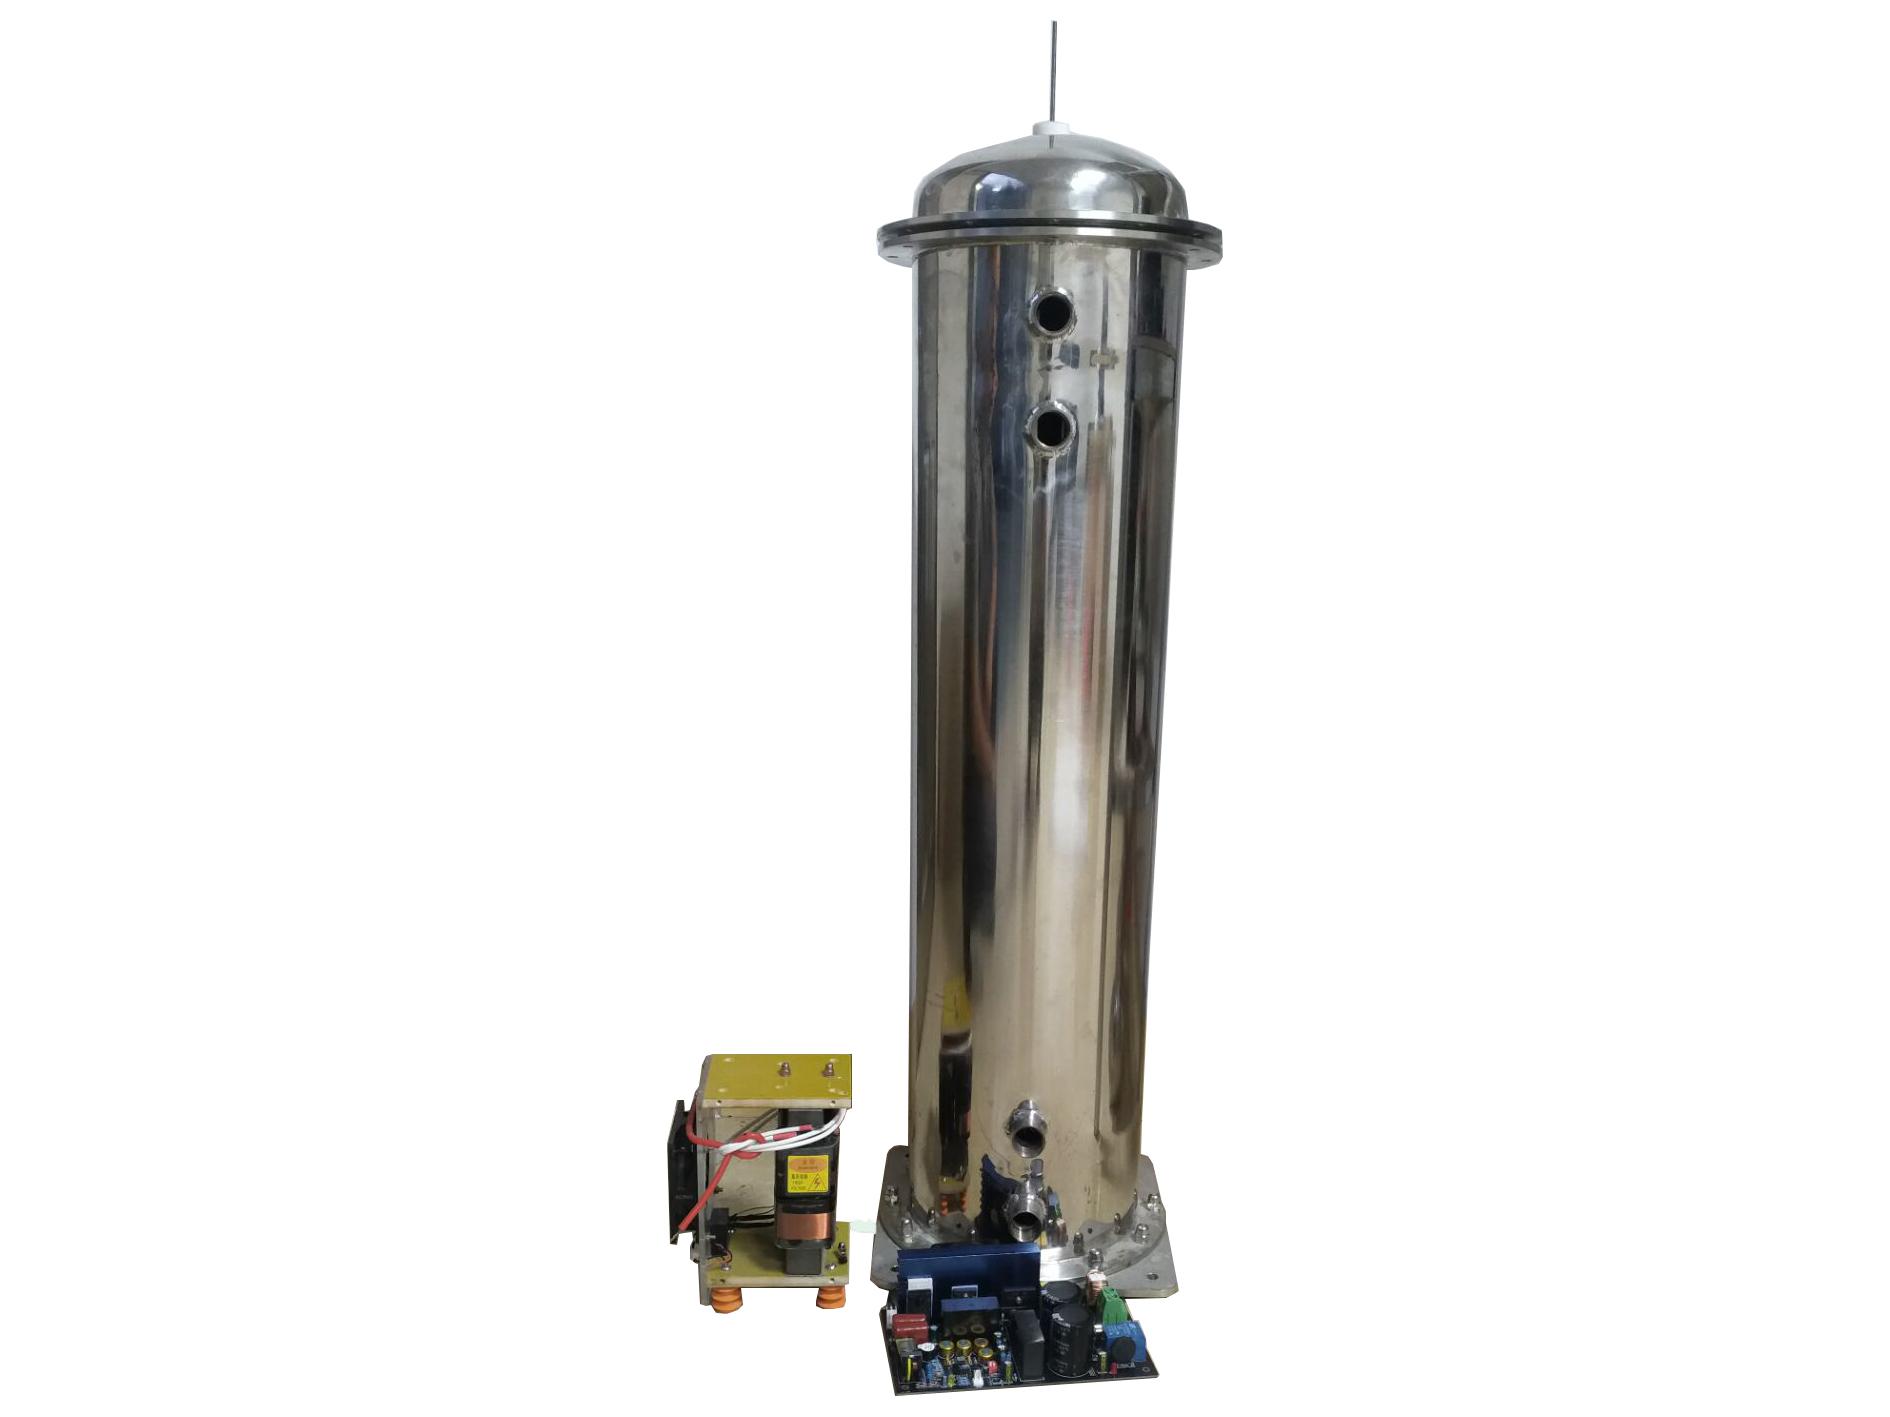 200G蜂窝式臭氧发生器套件 200G蜂窝式臭氧发生器配件